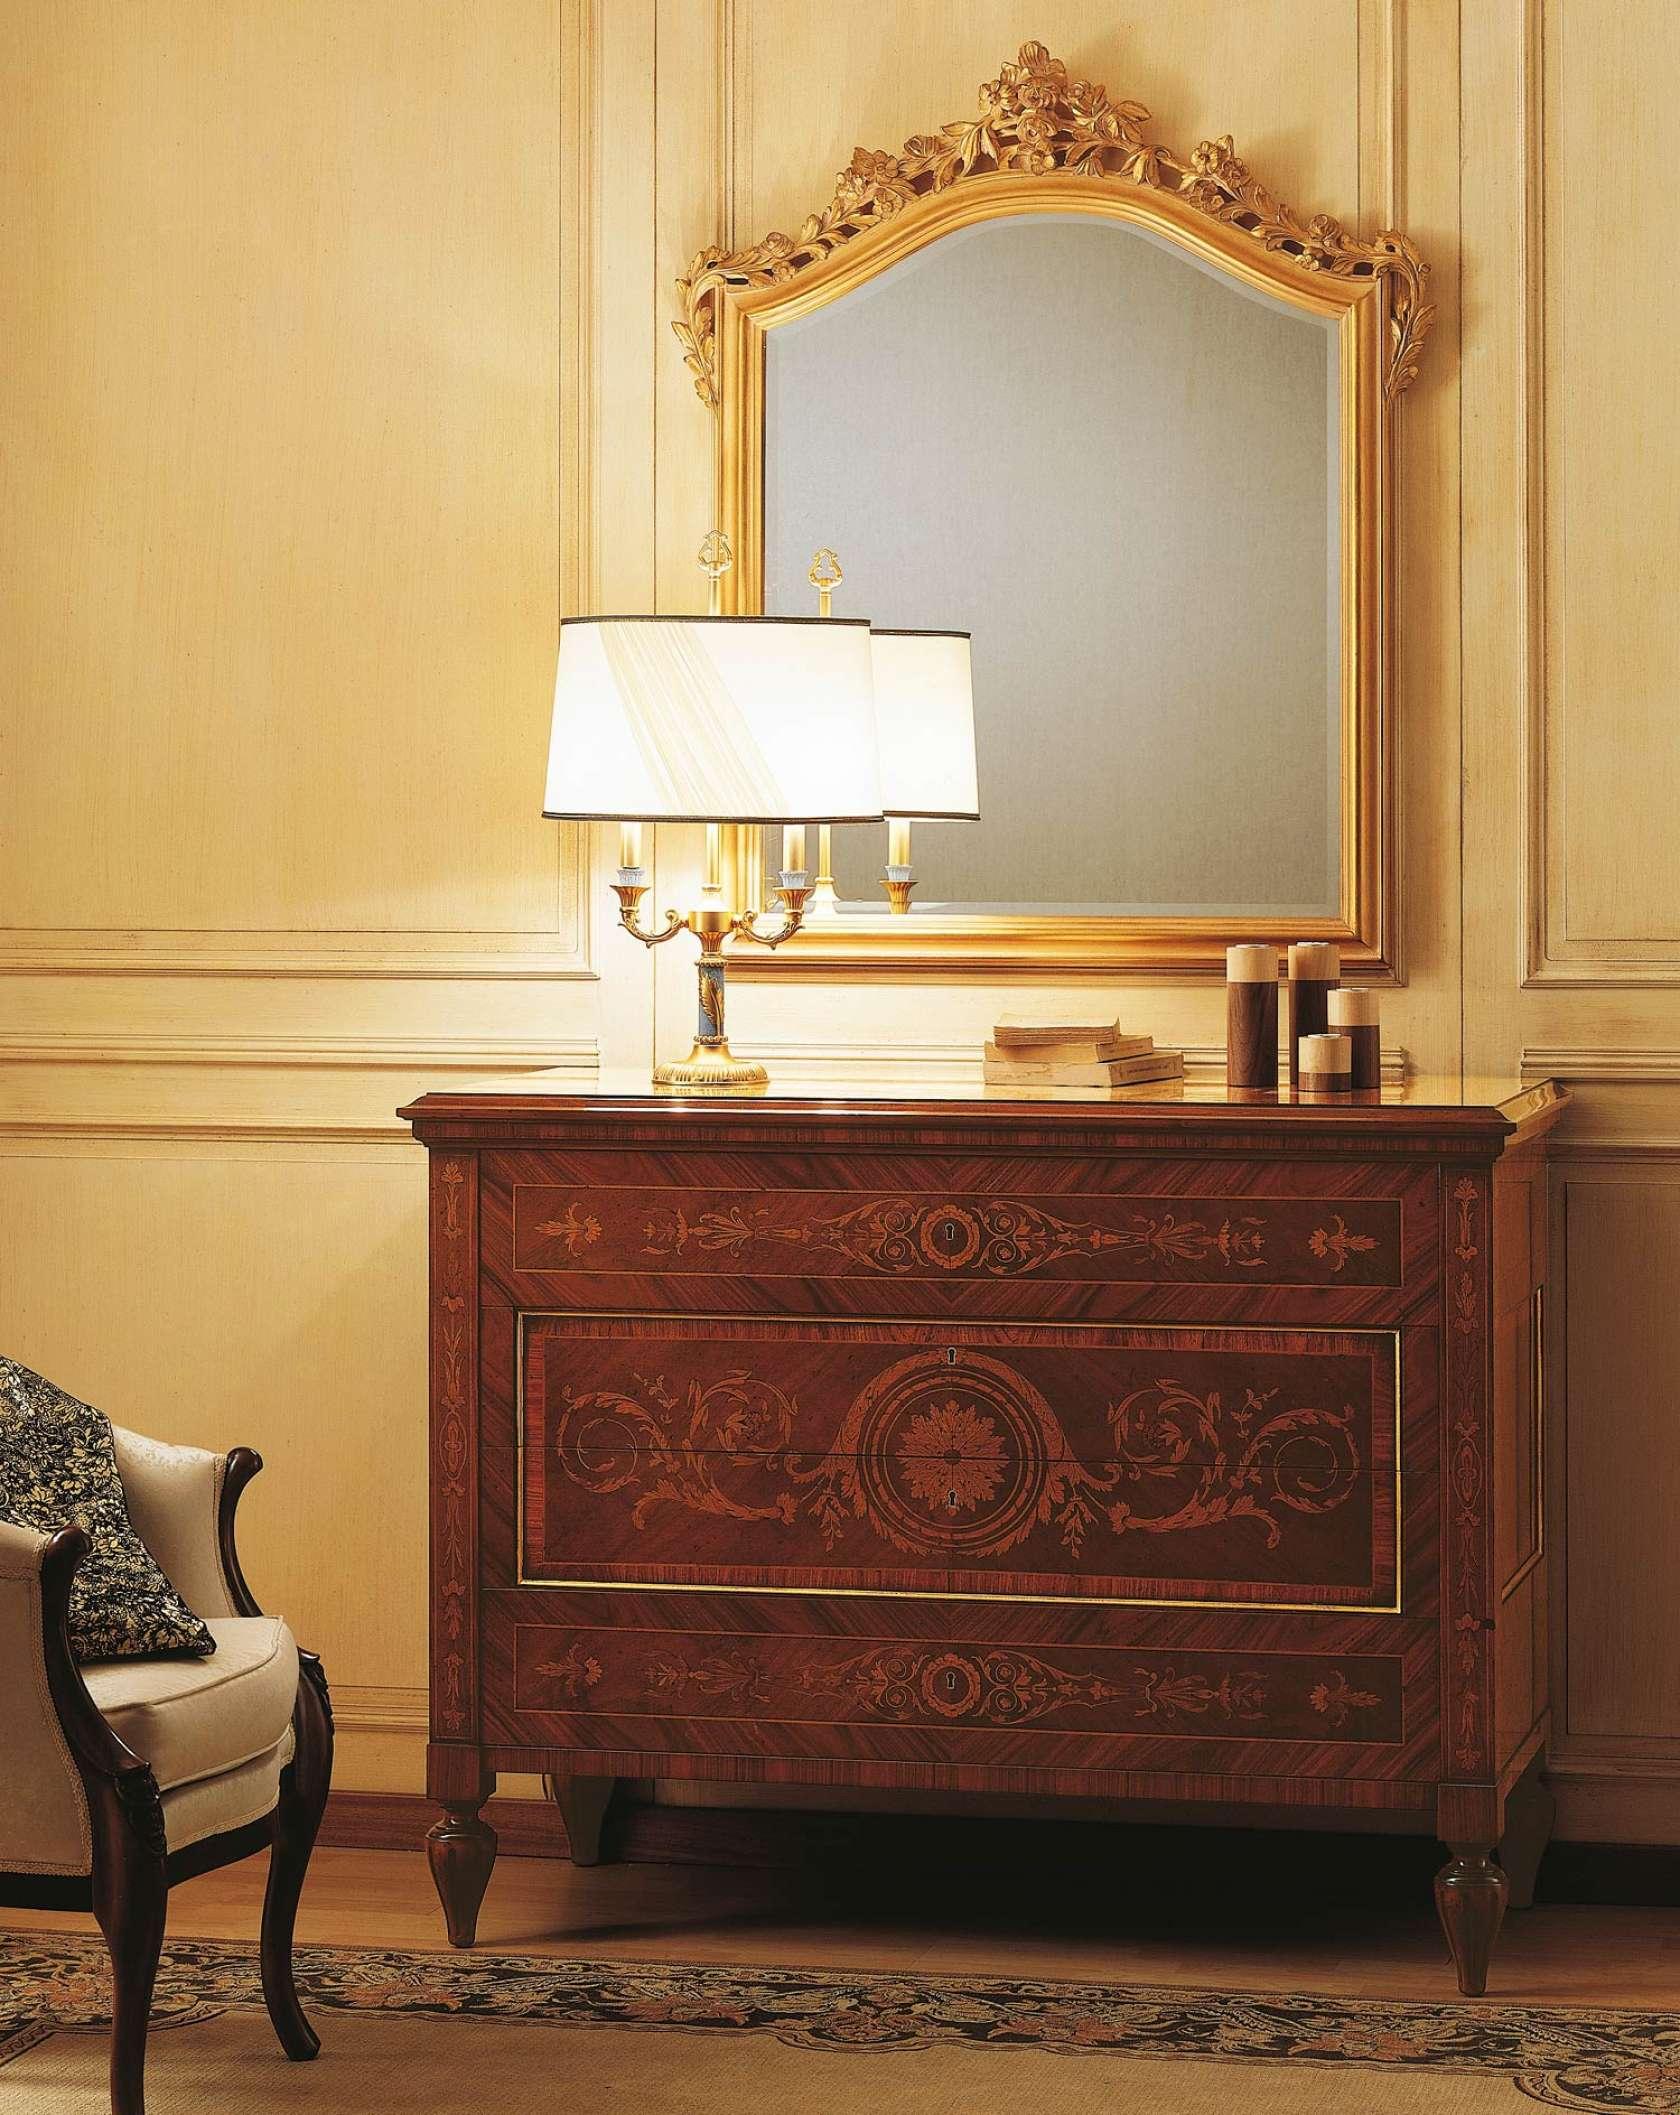 Specchiera Classica Noce Alba : Camera da letto classica i maggiolini comò intarsiato e